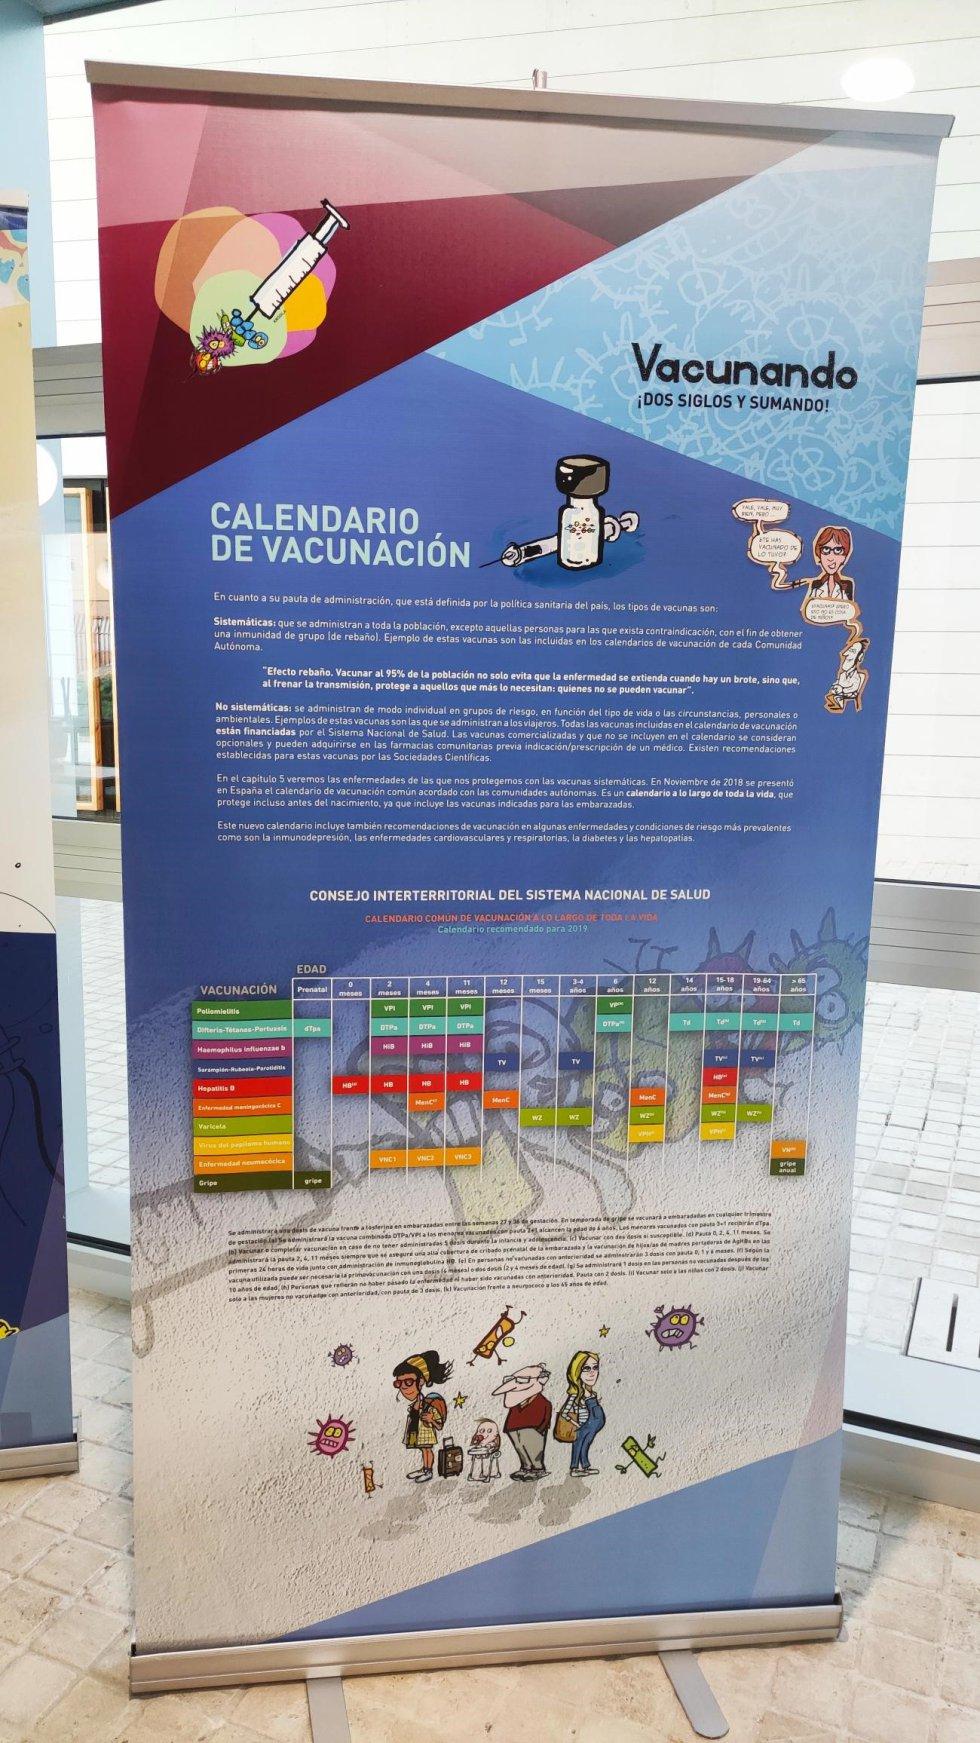 La exposición recaló hace unos días en el Instituto Cañada de la Encina de Iniesta, como una actividad comunitaria organizad por las médicas del equipo de Atención Primaria, María Flores y Ana Belén Espejo